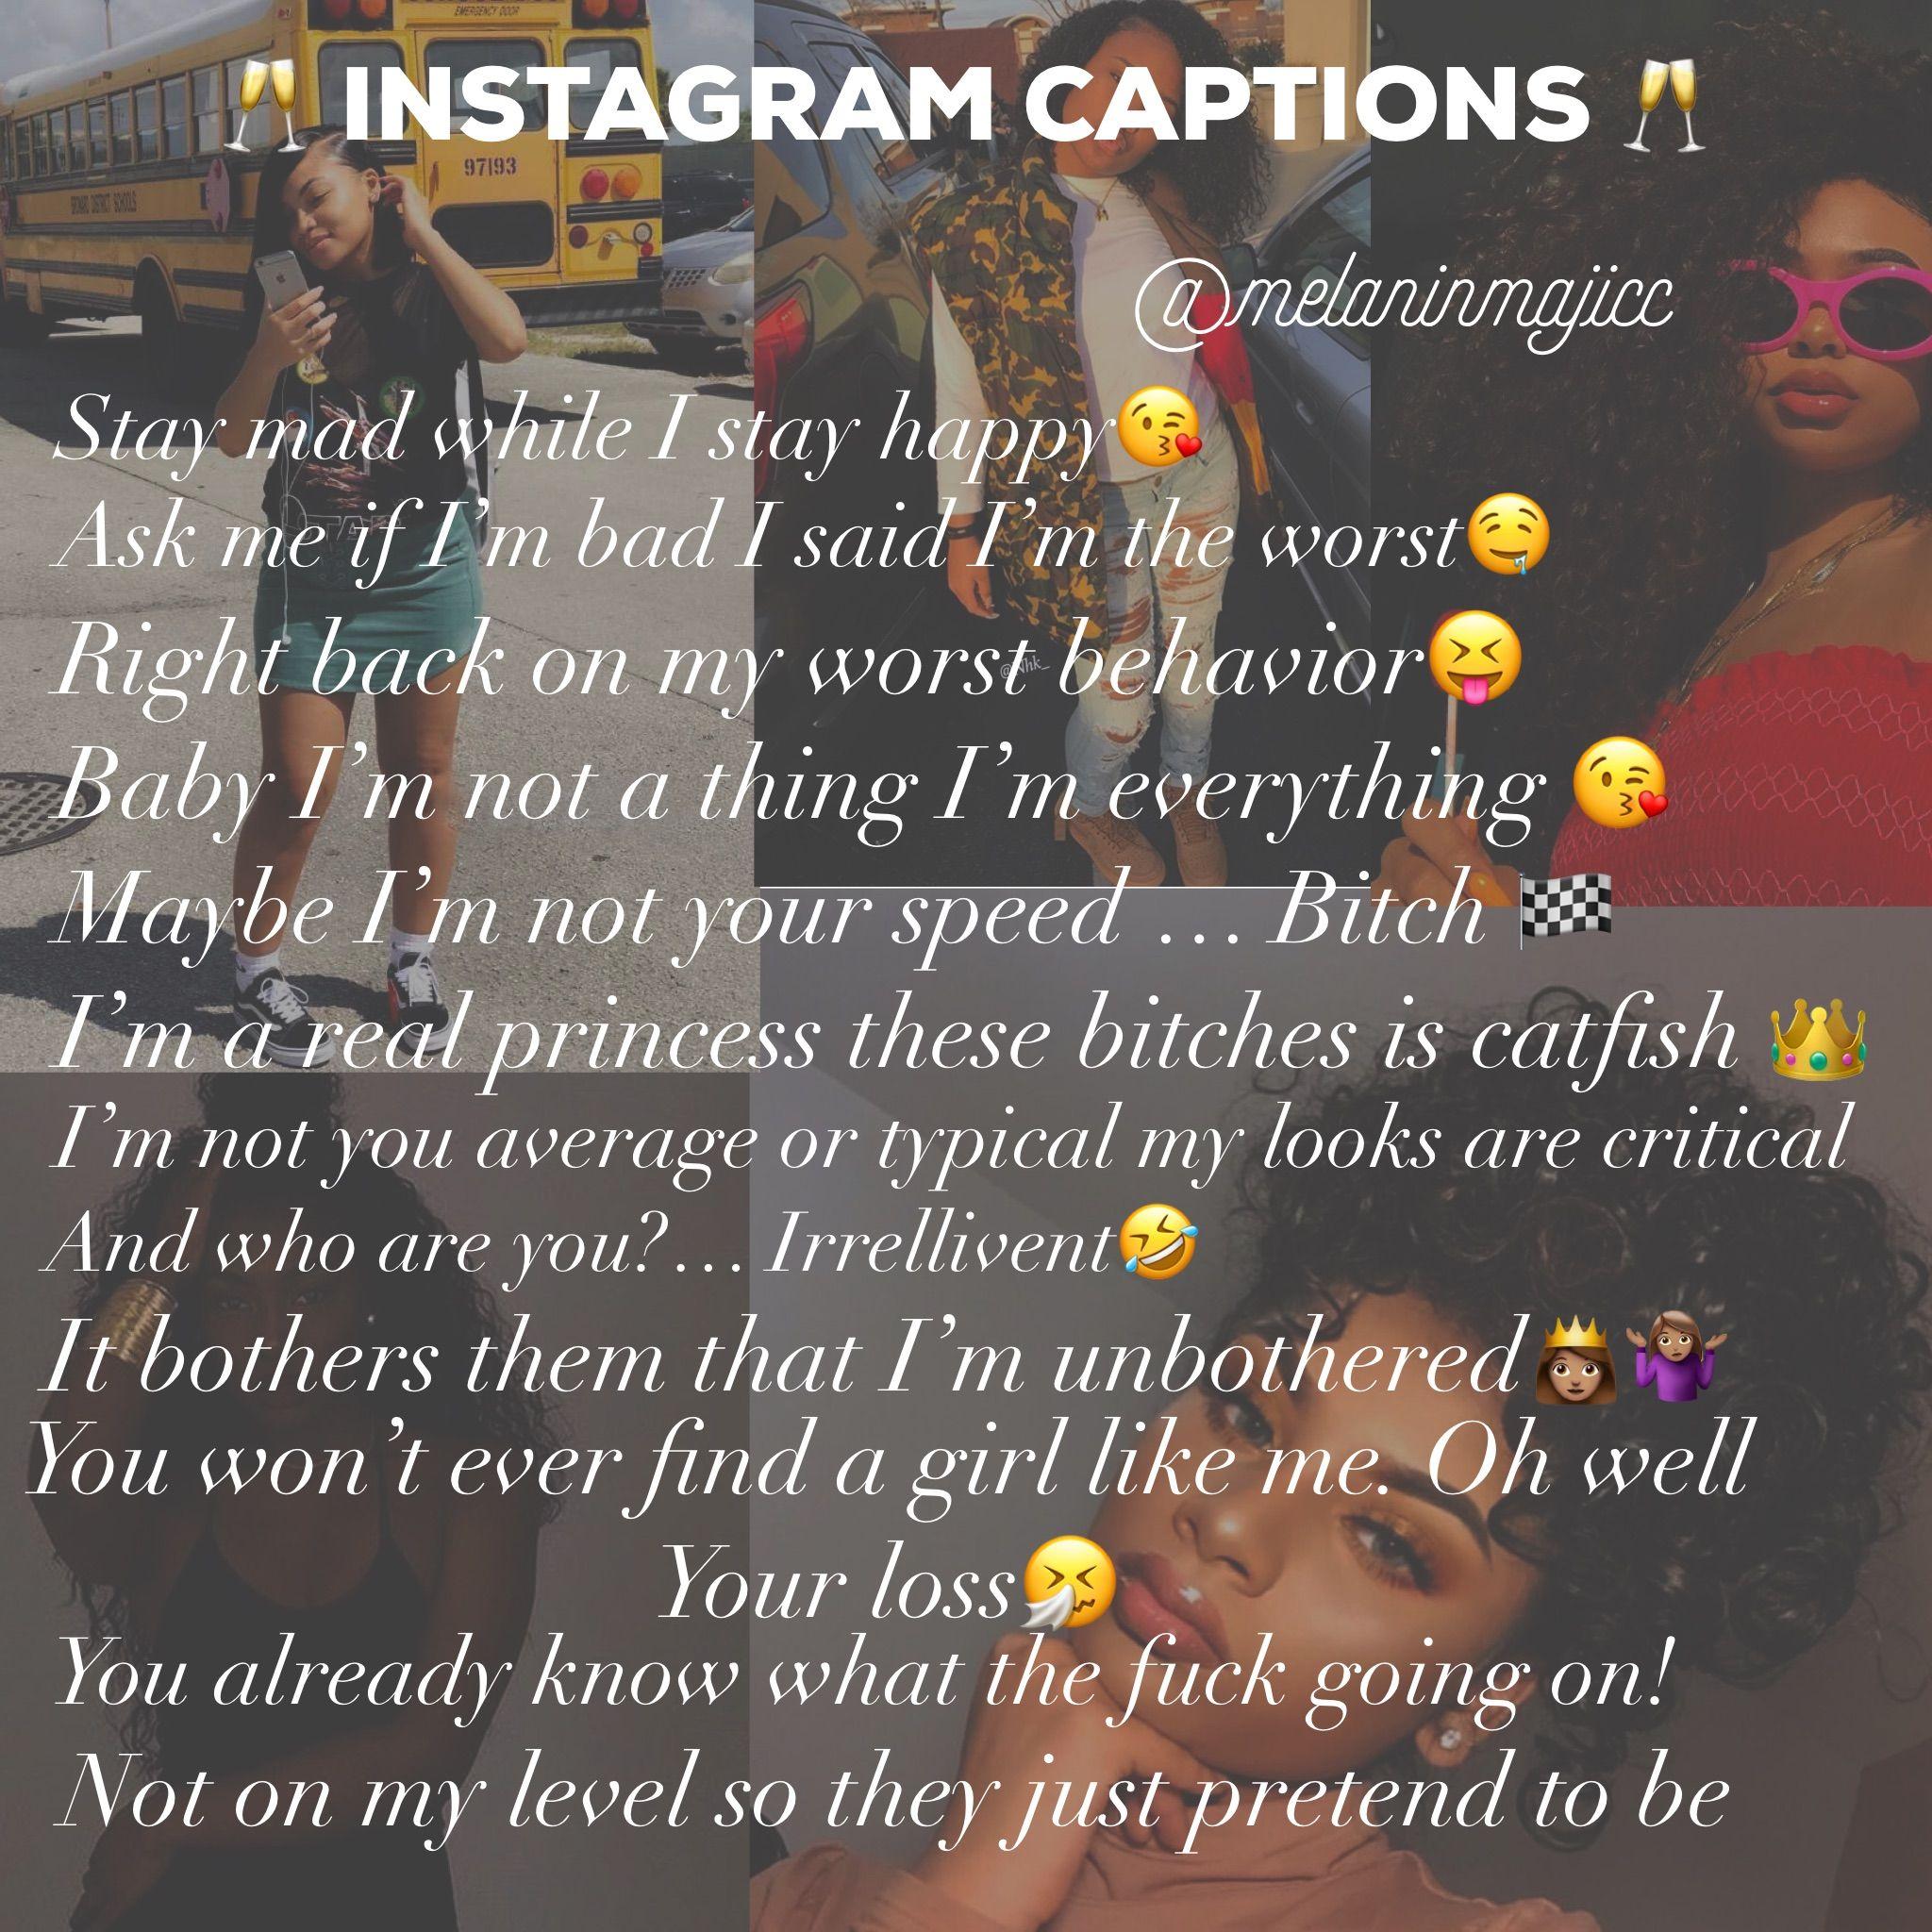 Melanin Account Instagram Captions Instagram Captions Instagram Quotes Instagram Captions For Selfies